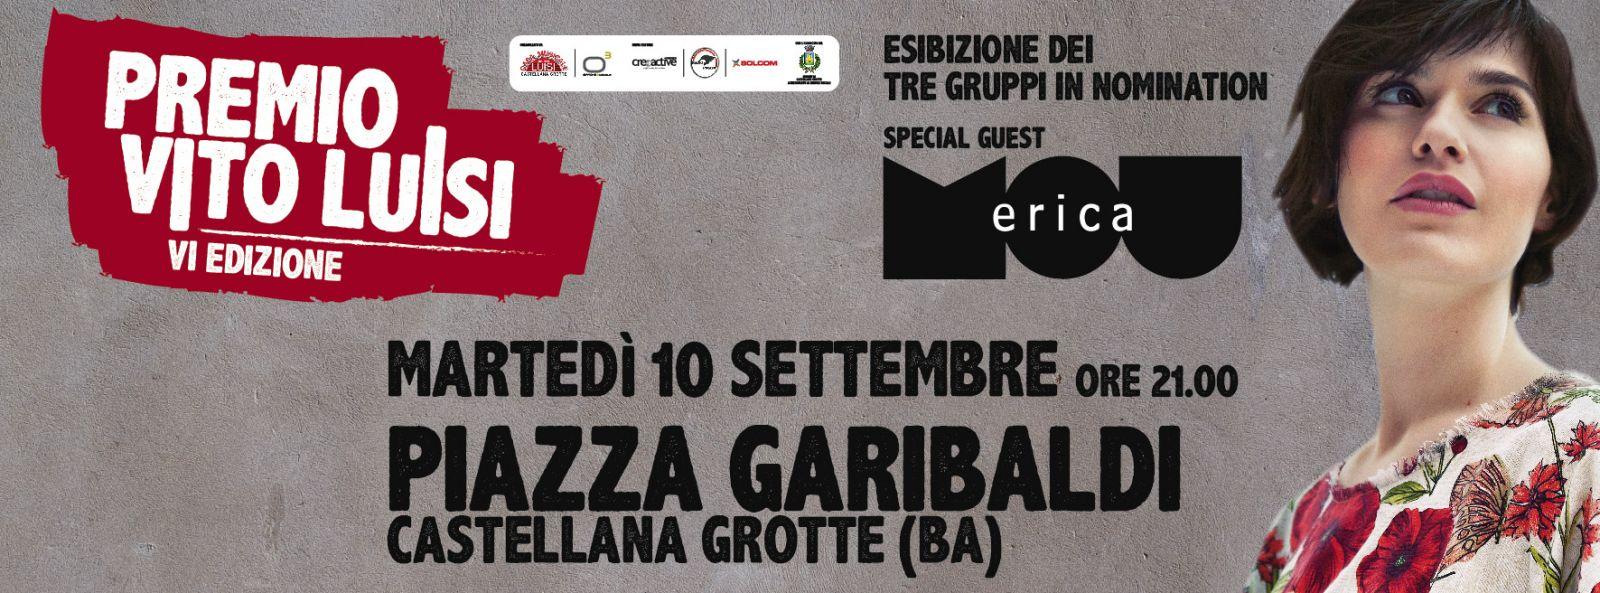 PREMIO VITO LUISI – serata di premiazione | 10 settembre | Castellana Grotte